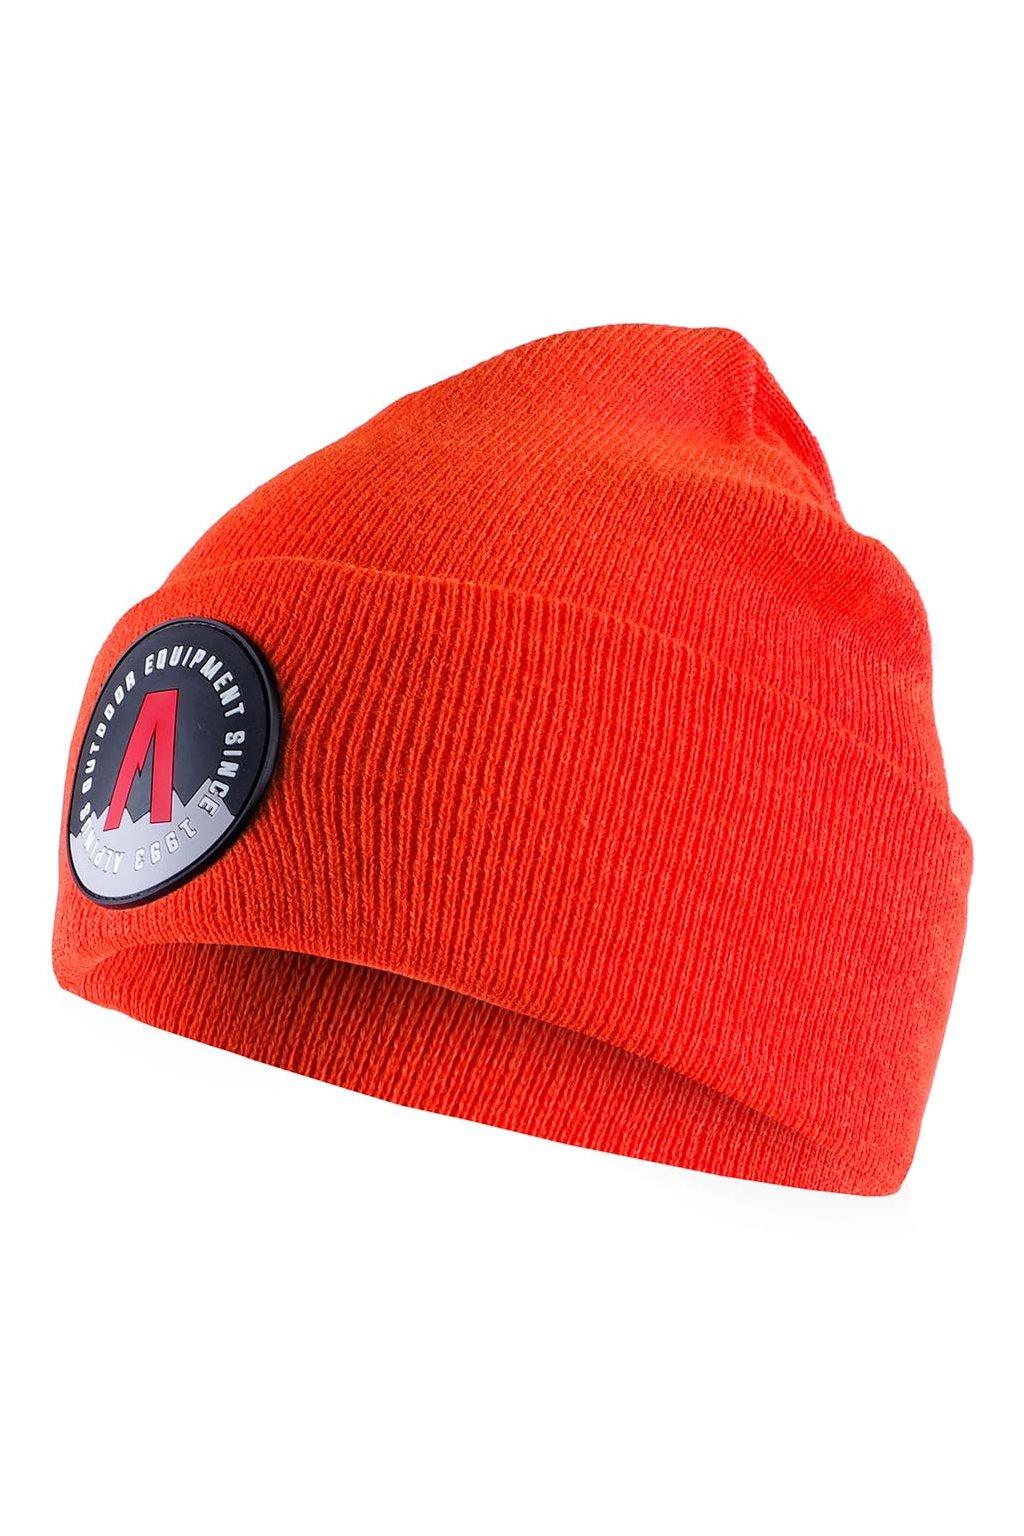 Čiapka Alpinus Helsinki Cuffed Beanie oranžová AWH007